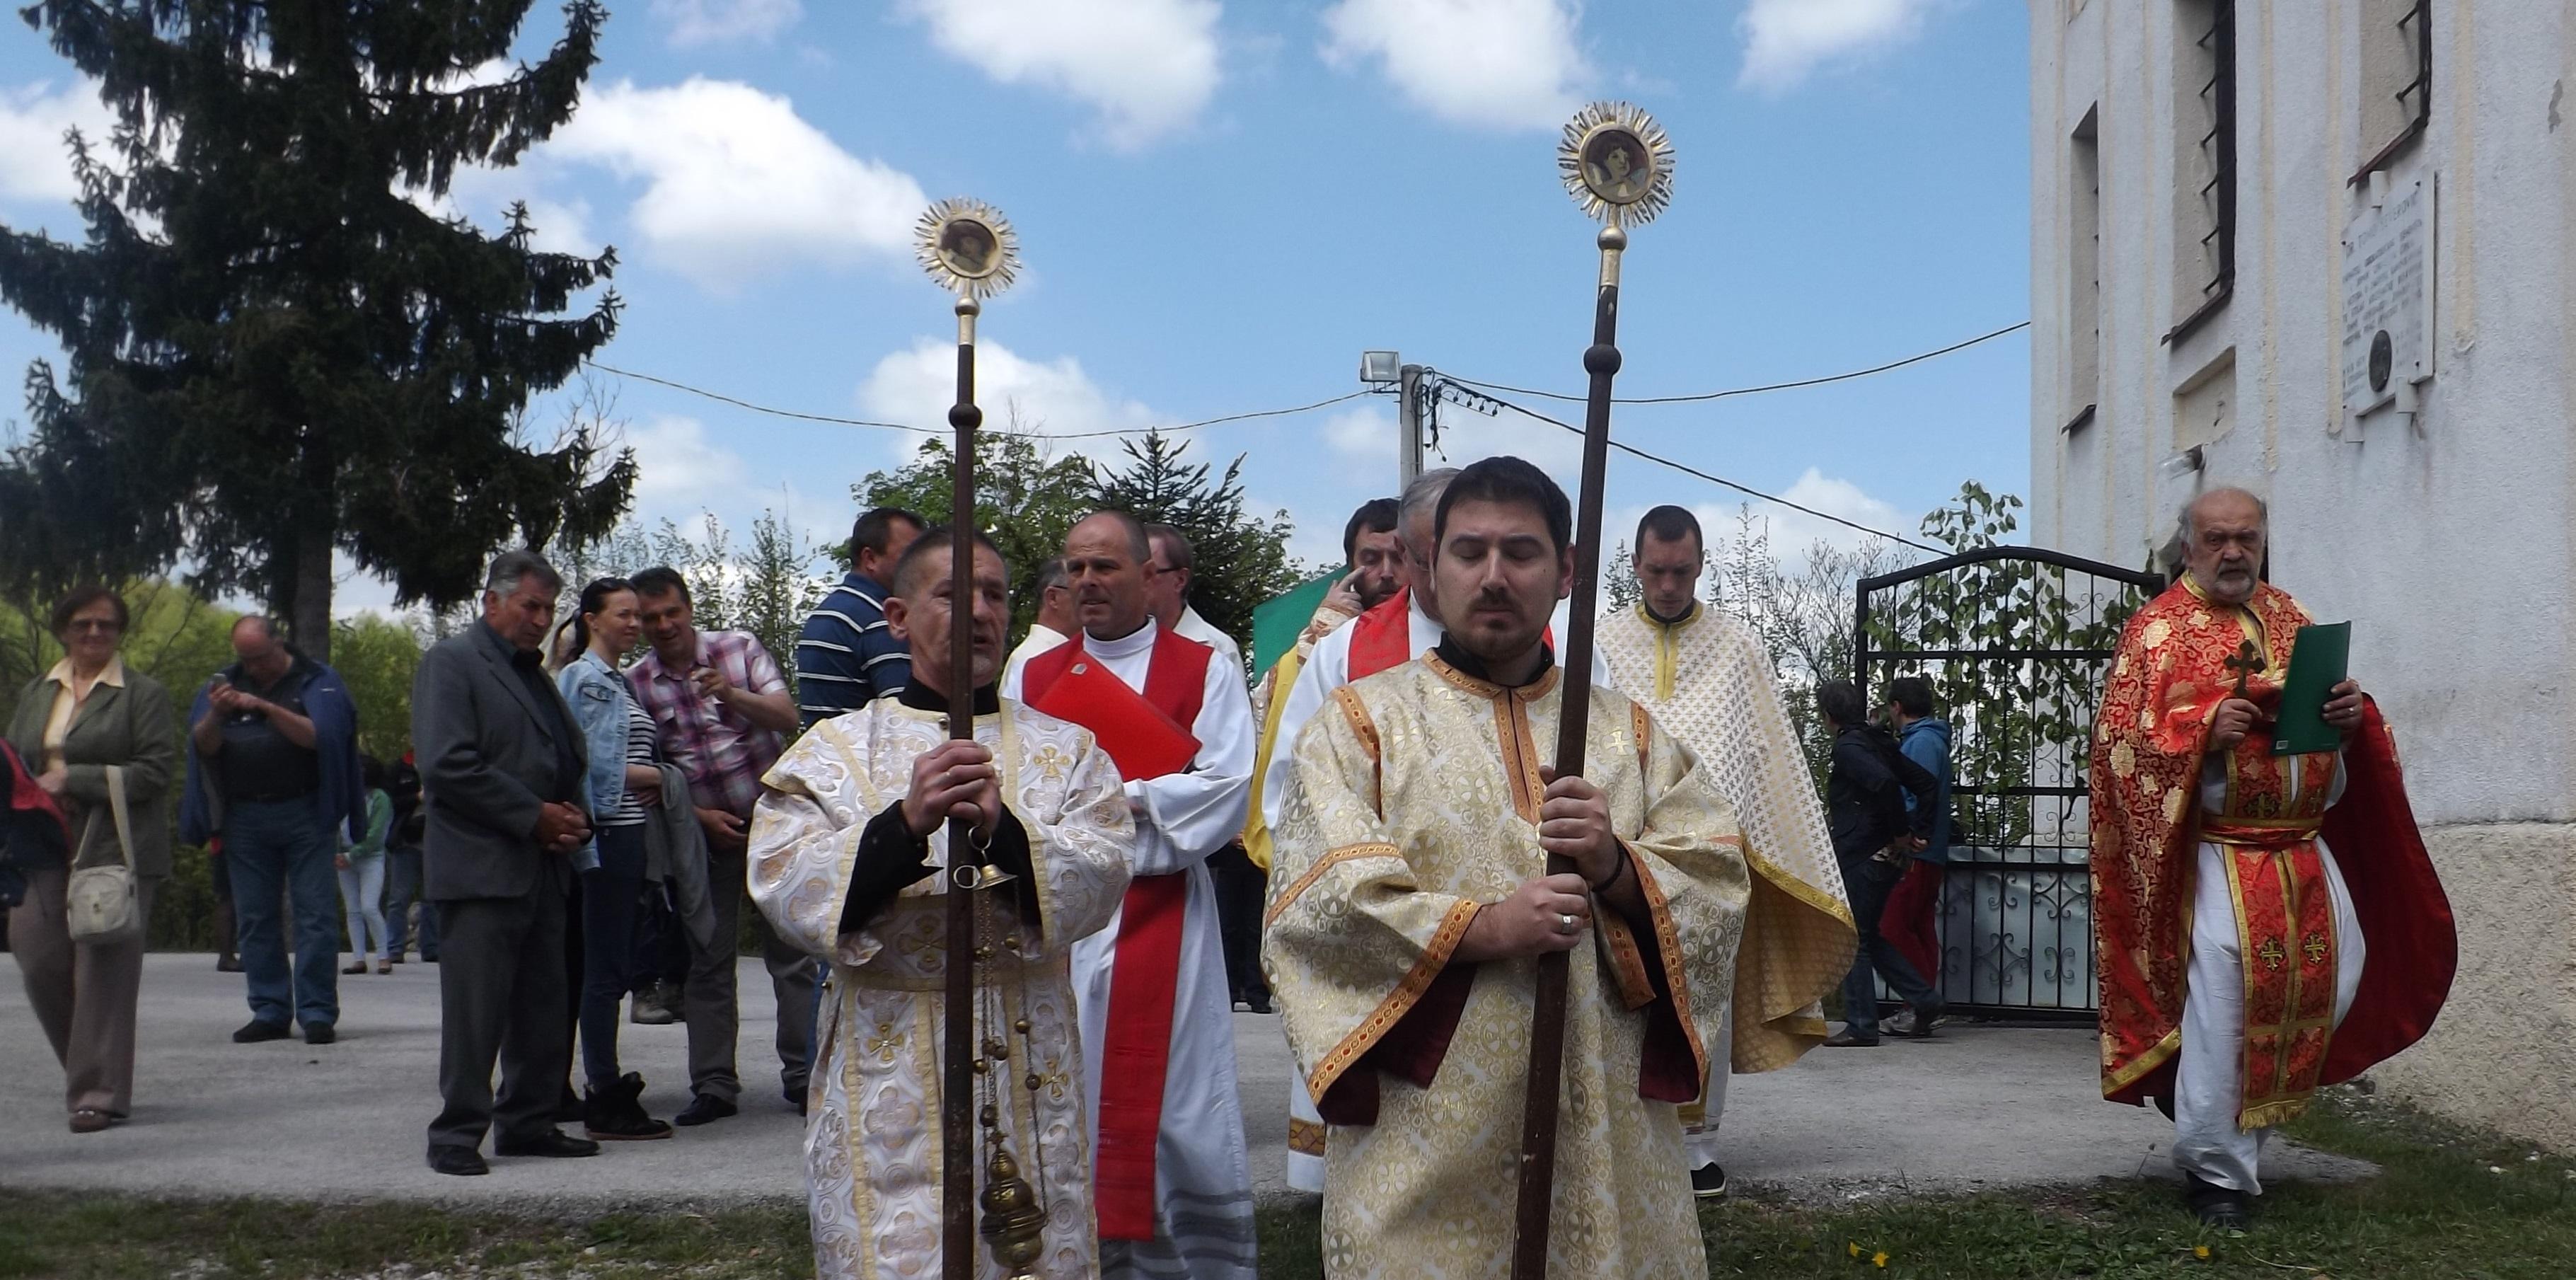 Svečano proslavljeno Jurjevo u Stojdragi